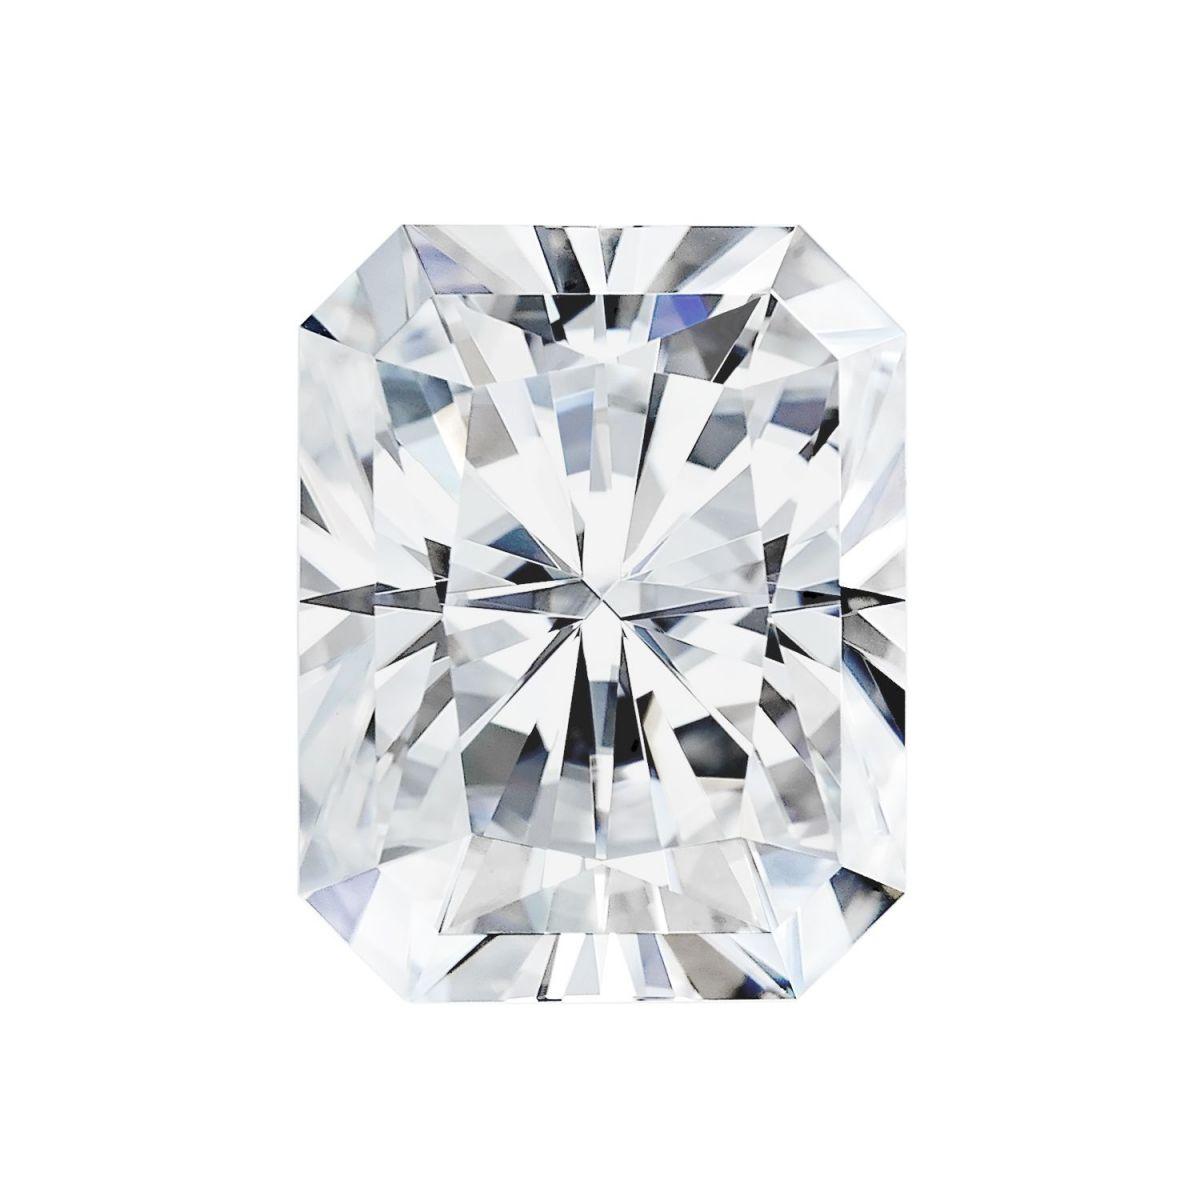 https://www.loveandpromisejewelers.com/media/catalog/product/cache/1b8ff75e92e9e3eb7d814fc024f6d8df/r/a/radiant_moissanite_image_1.jpg